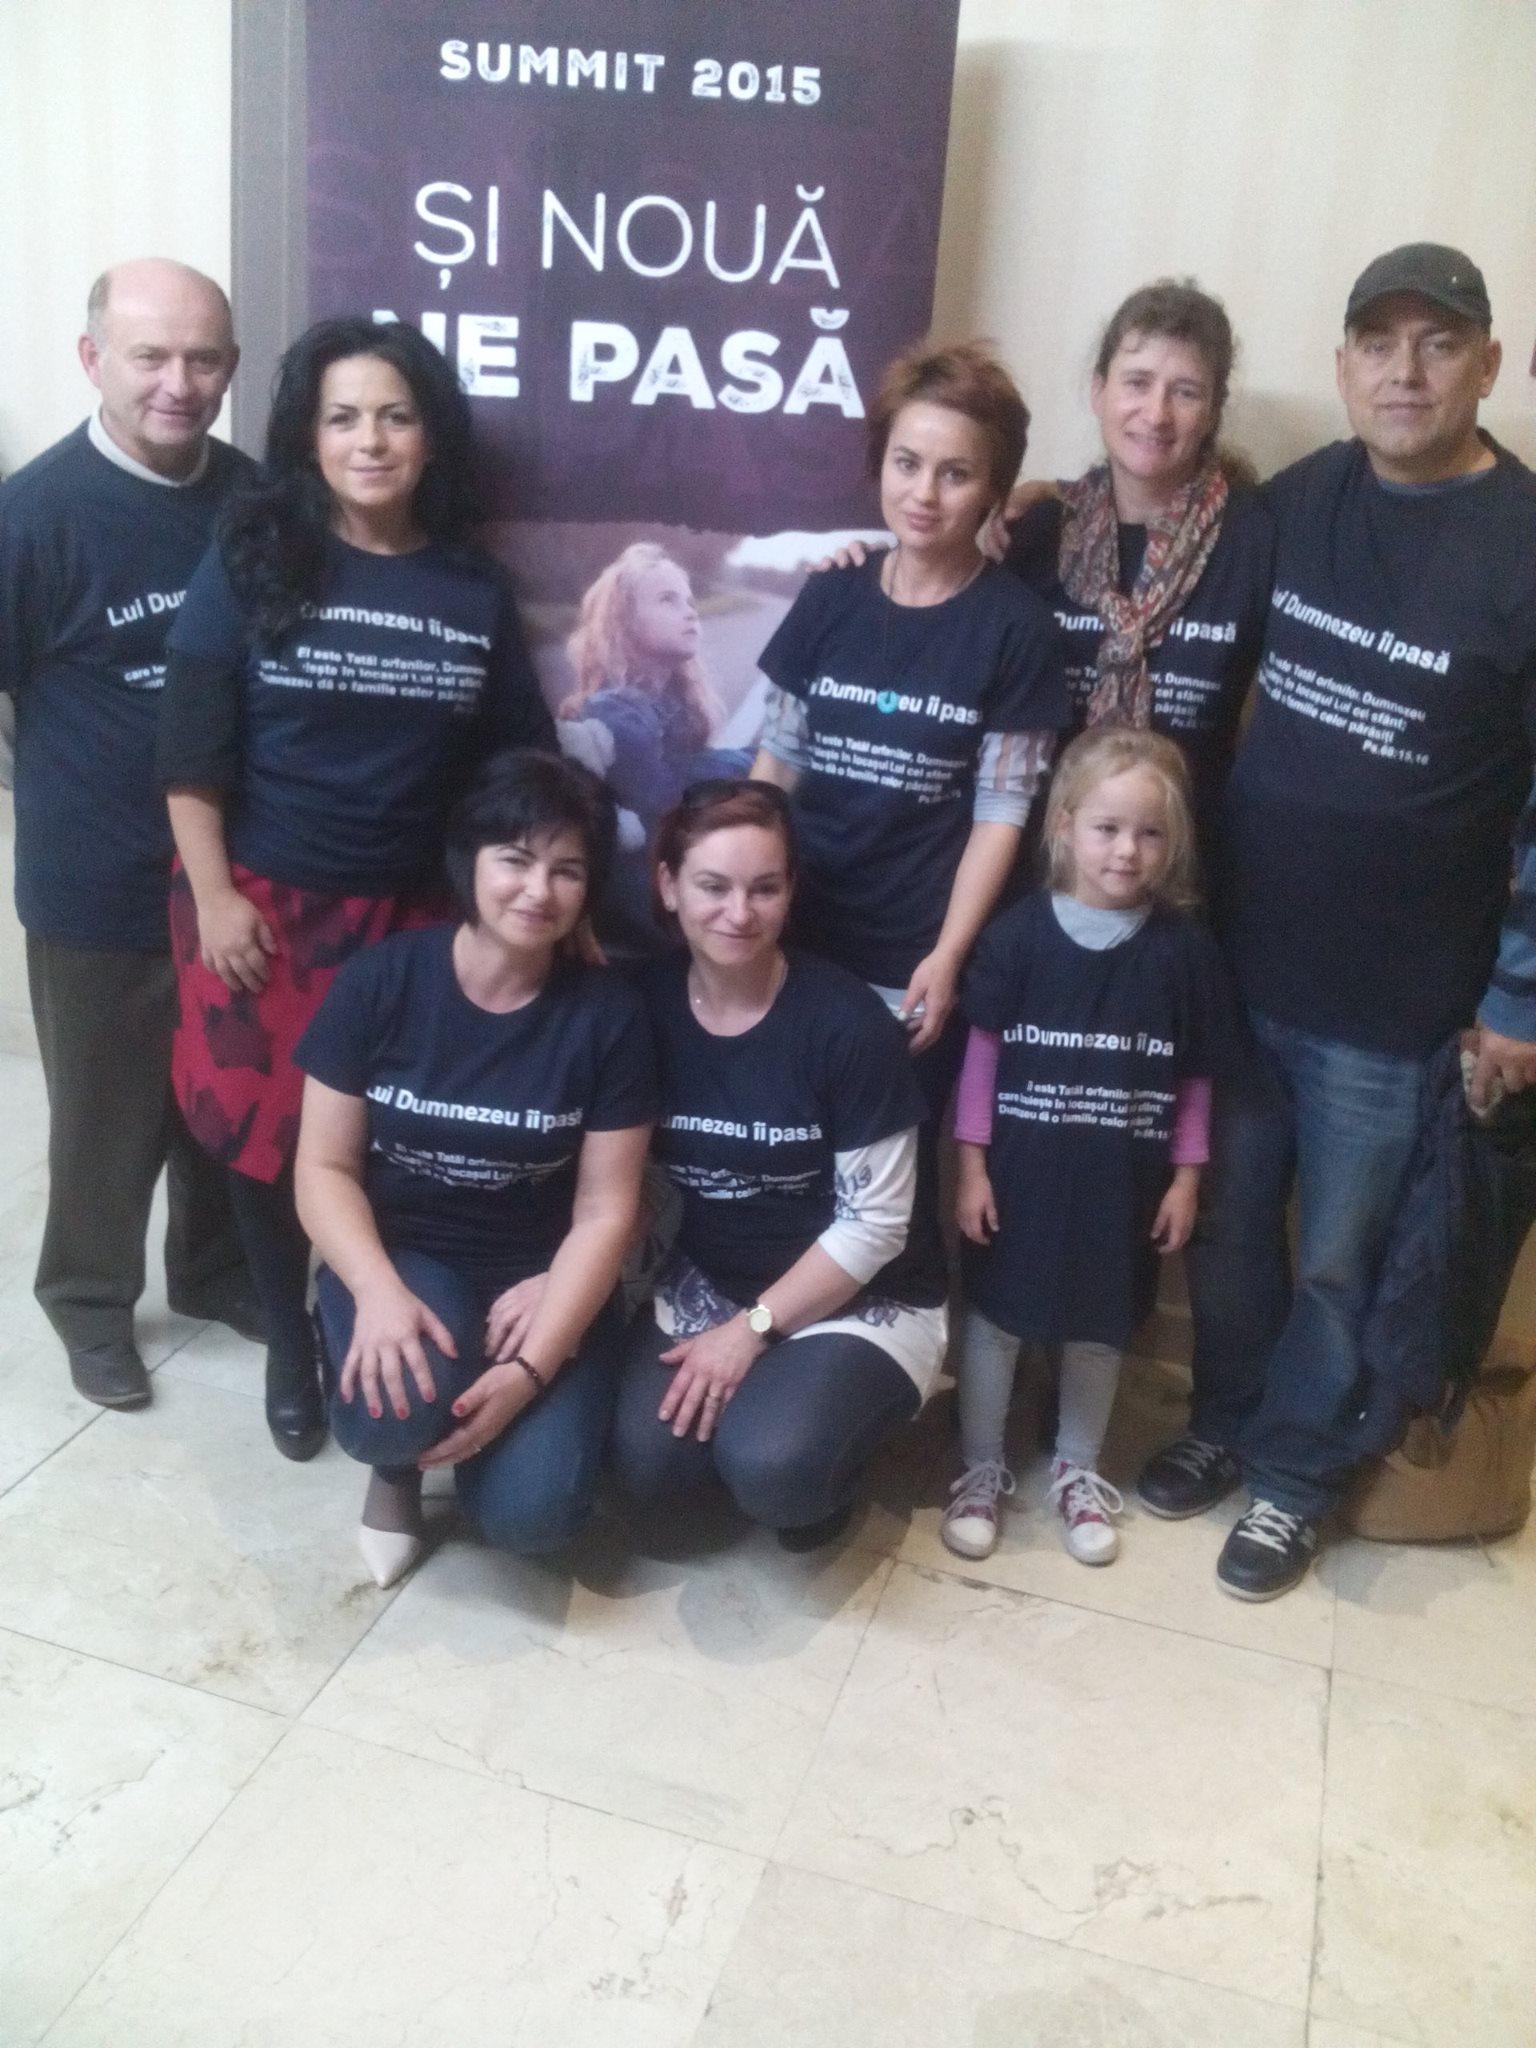 Ajutor pentru copiii orfani din partea echipei AMC Betleem Lipova şi a familiilor din oraşul Lipova